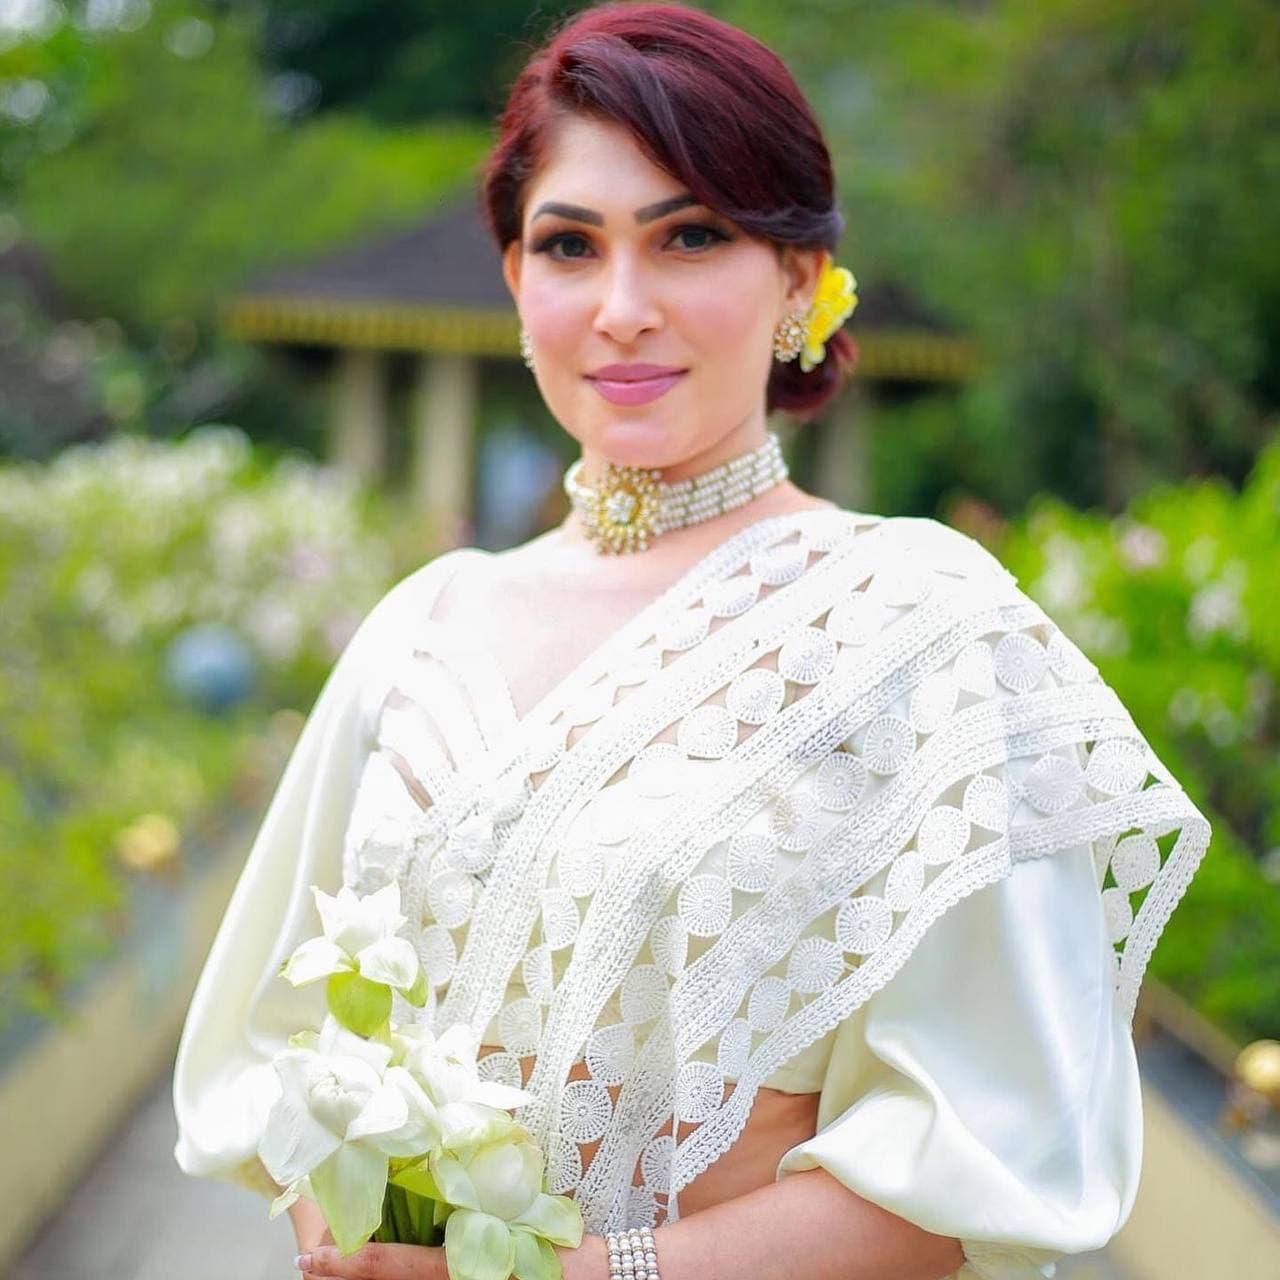 Mrs. Srilanka